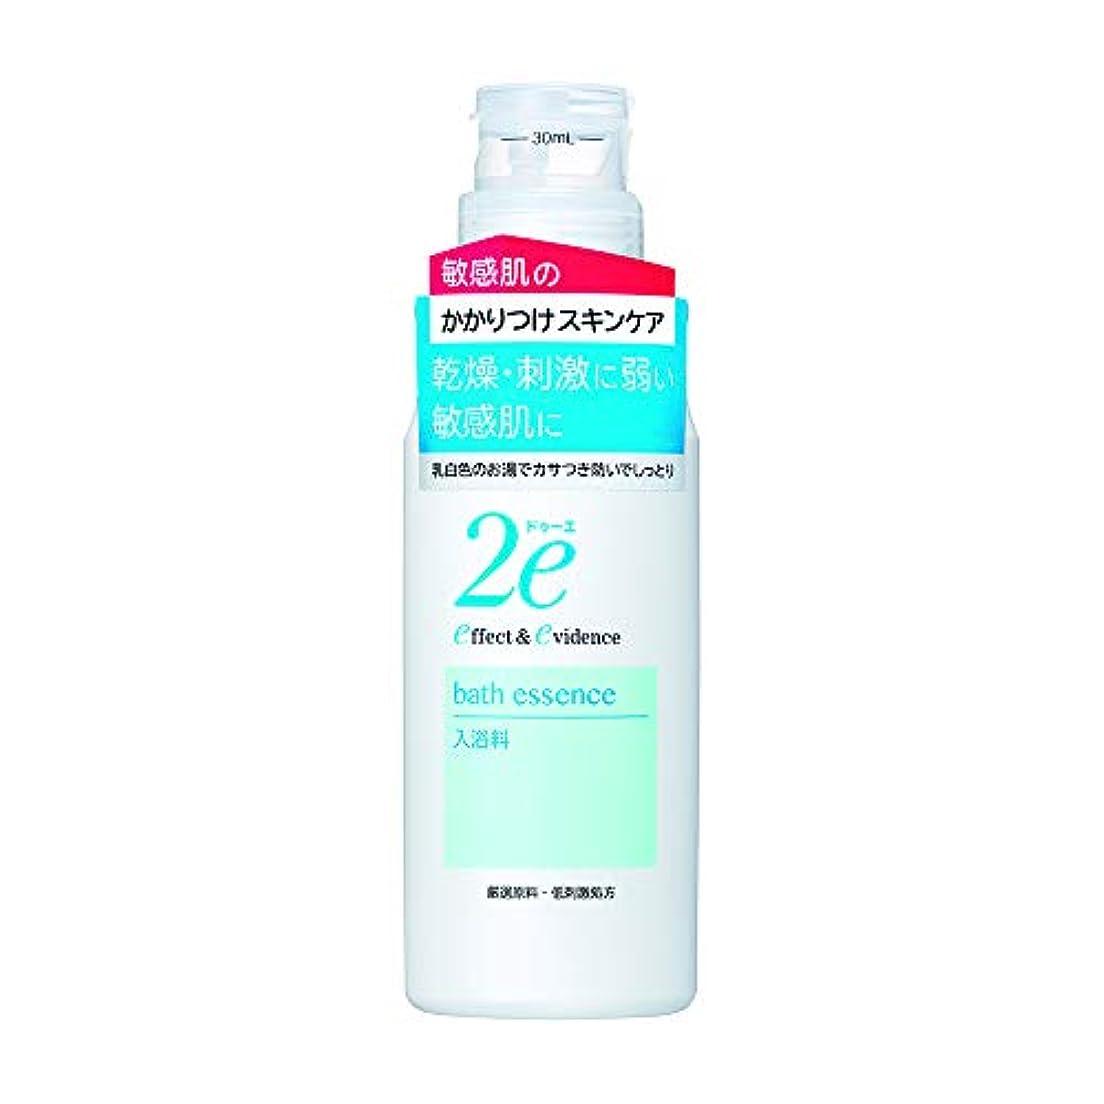 全国クランプウガンダ2e(ドゥーエ) ドゥーエ 入浴料 入浴剤 420ml